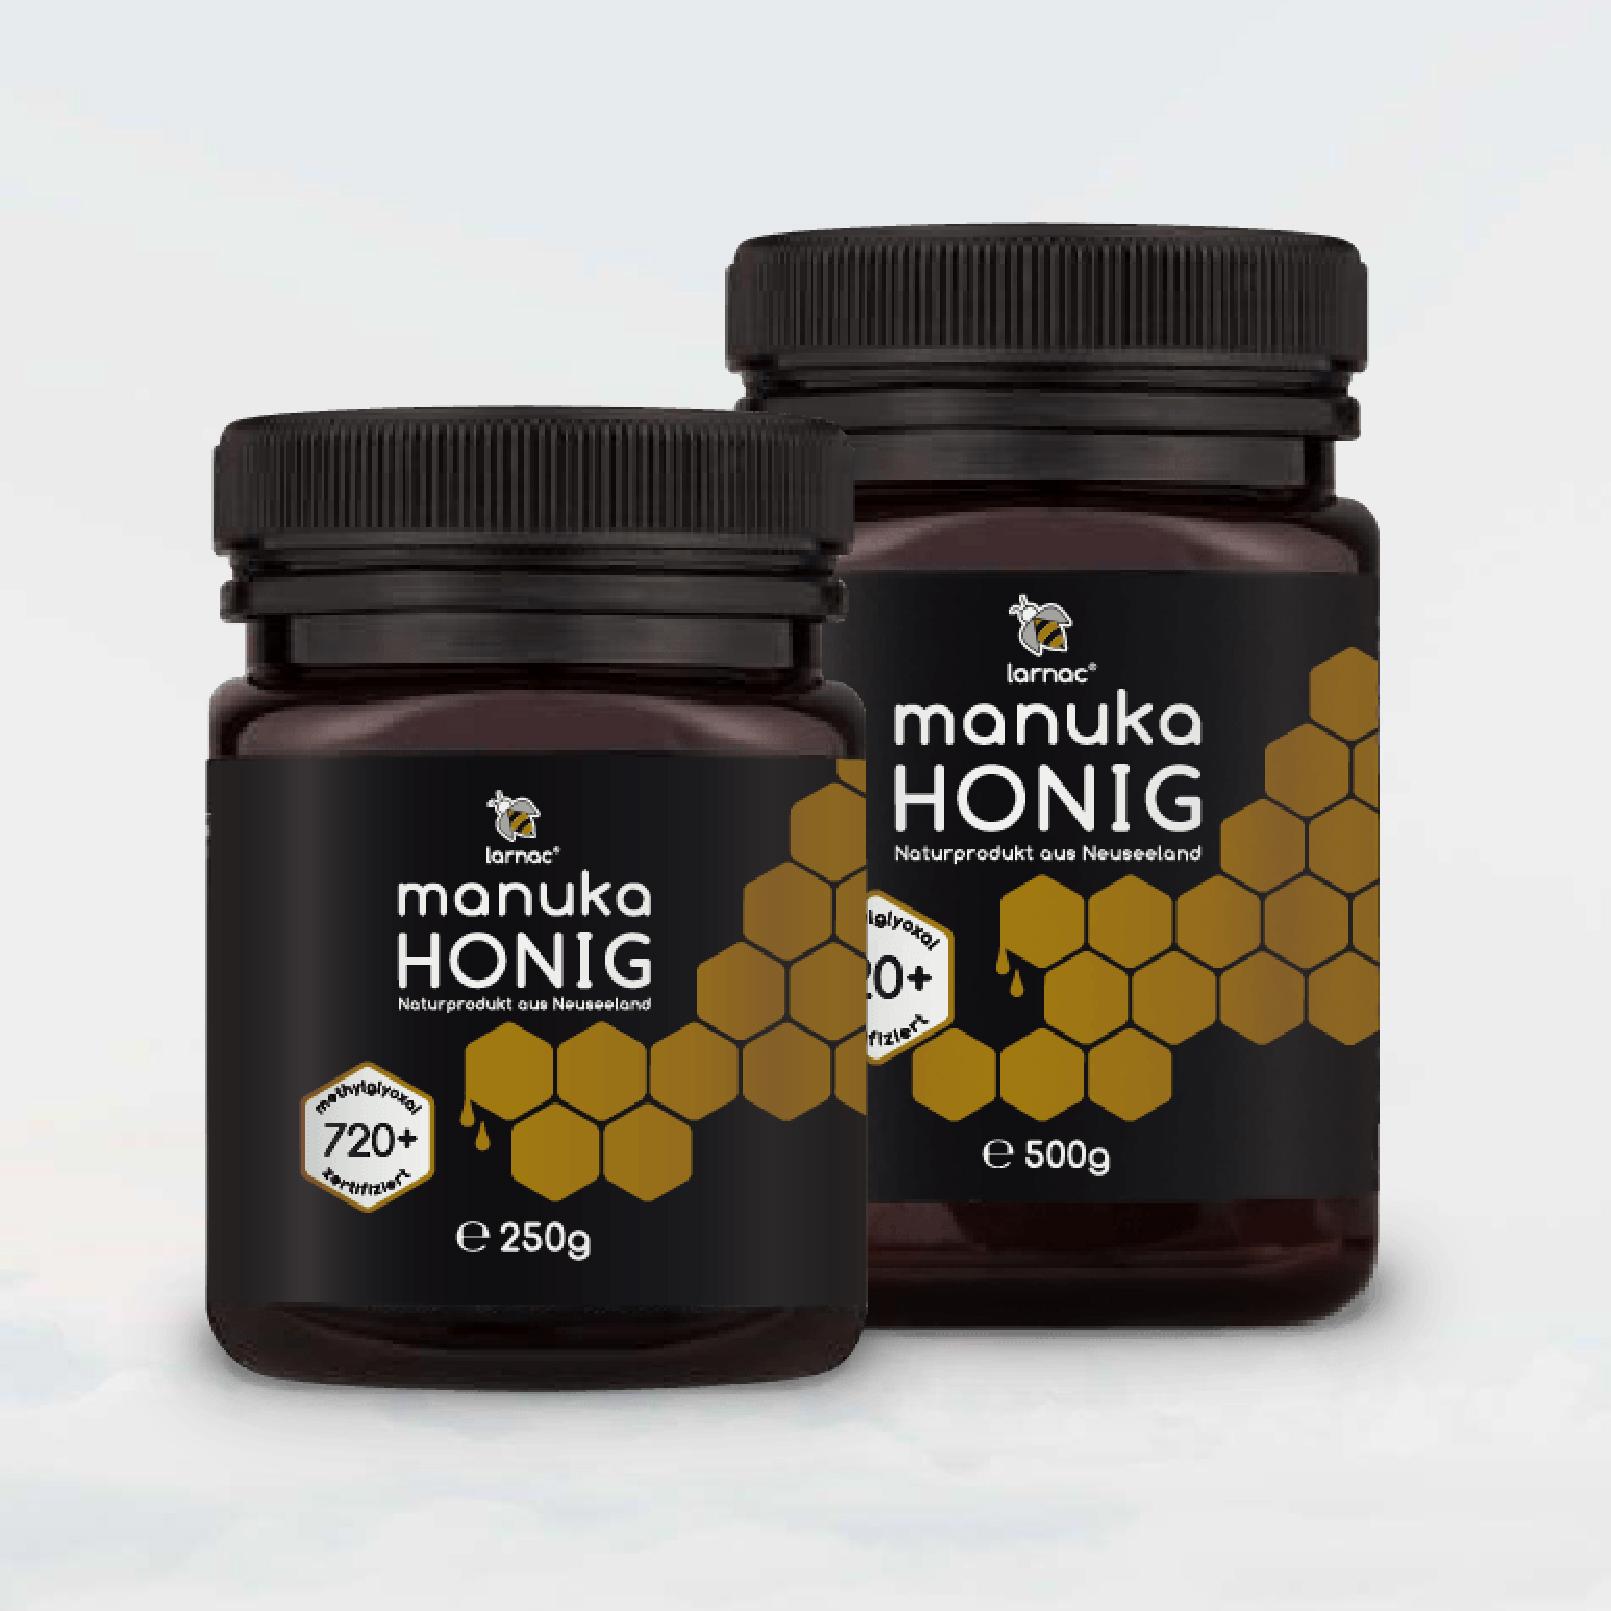 Manuka Honey Jars